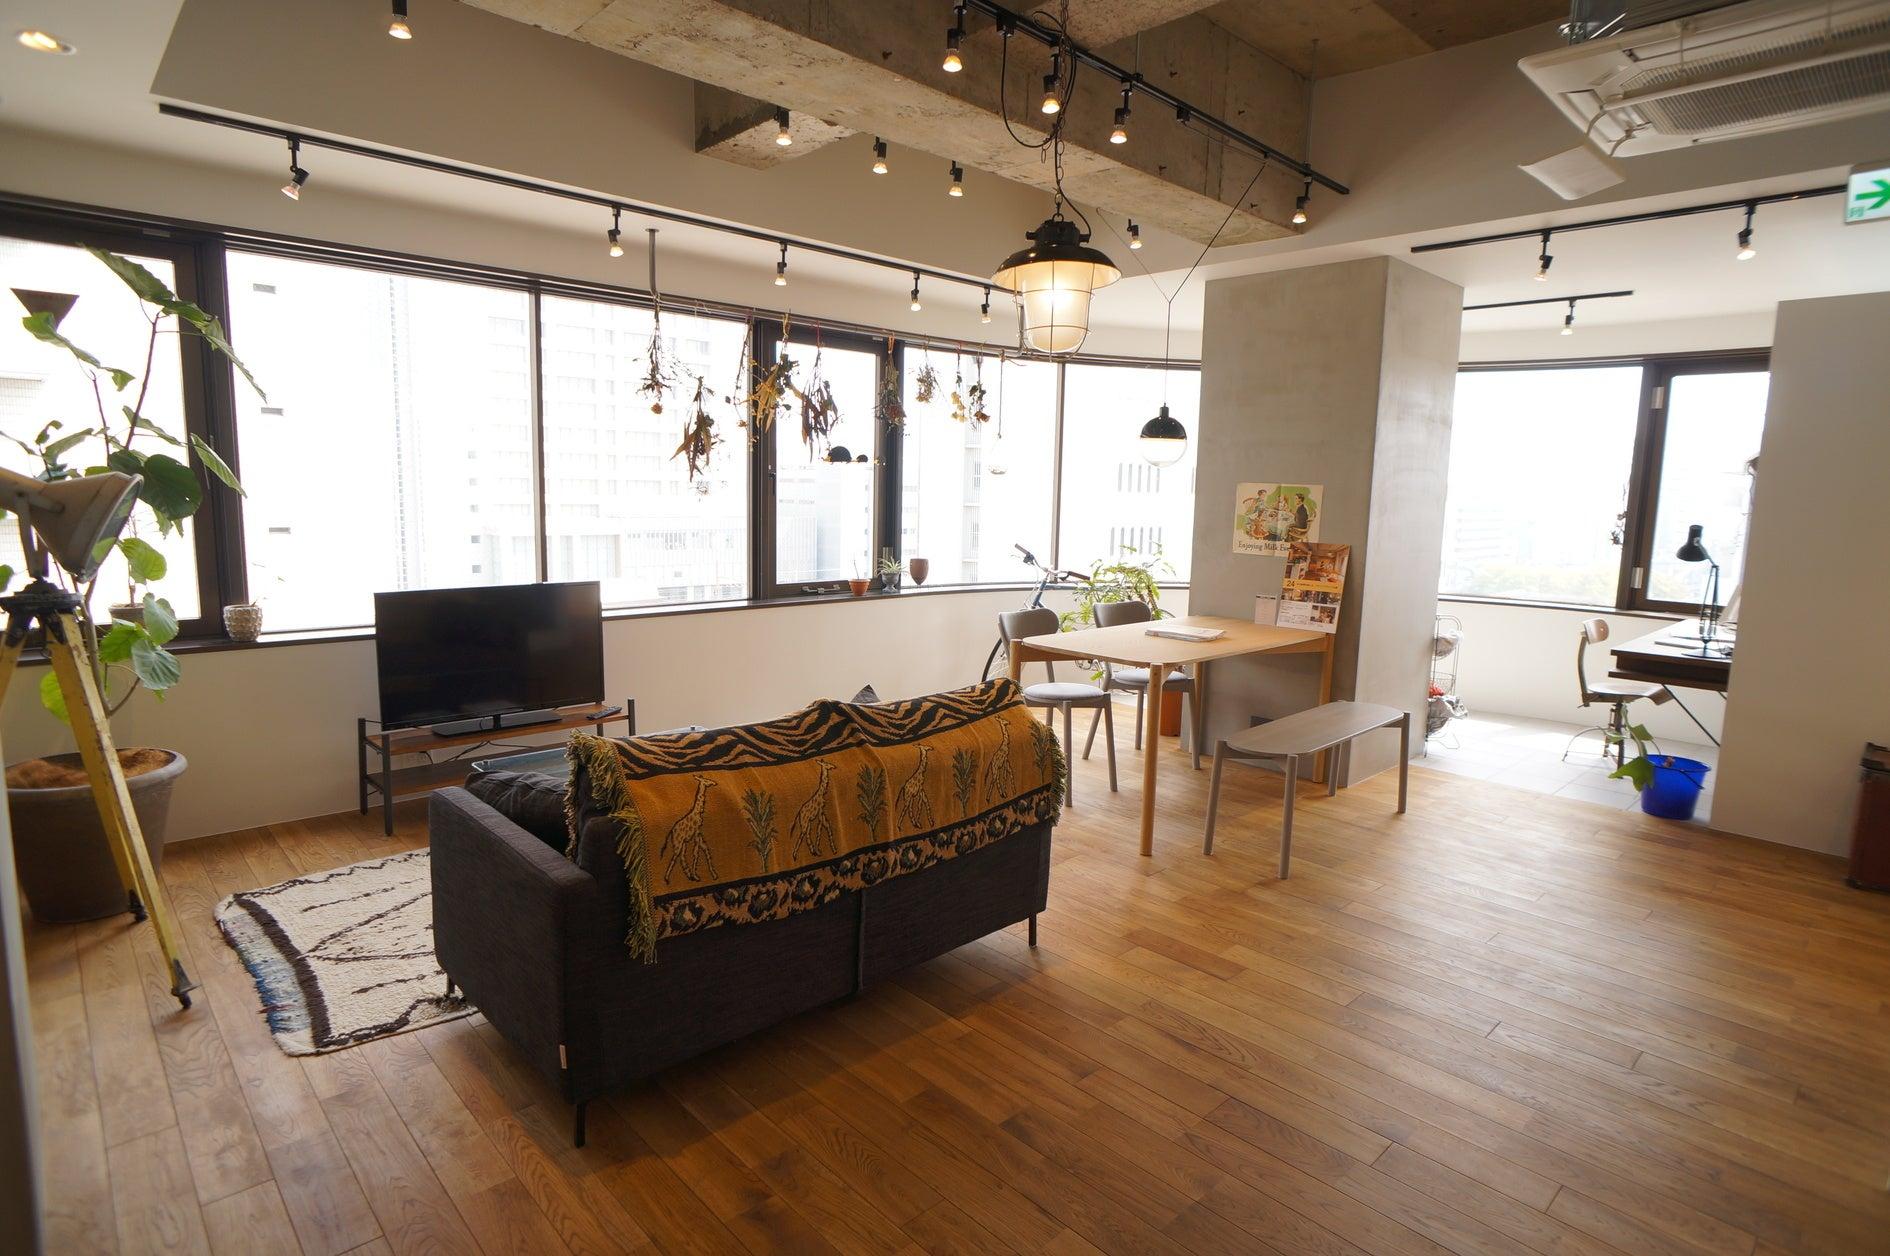 【桜木町1分】【マンションでのロケや撮影に】控室に使える個室あり。210㎡のおしゃれなリノベーション空間-リノベる。桜木町 の写真